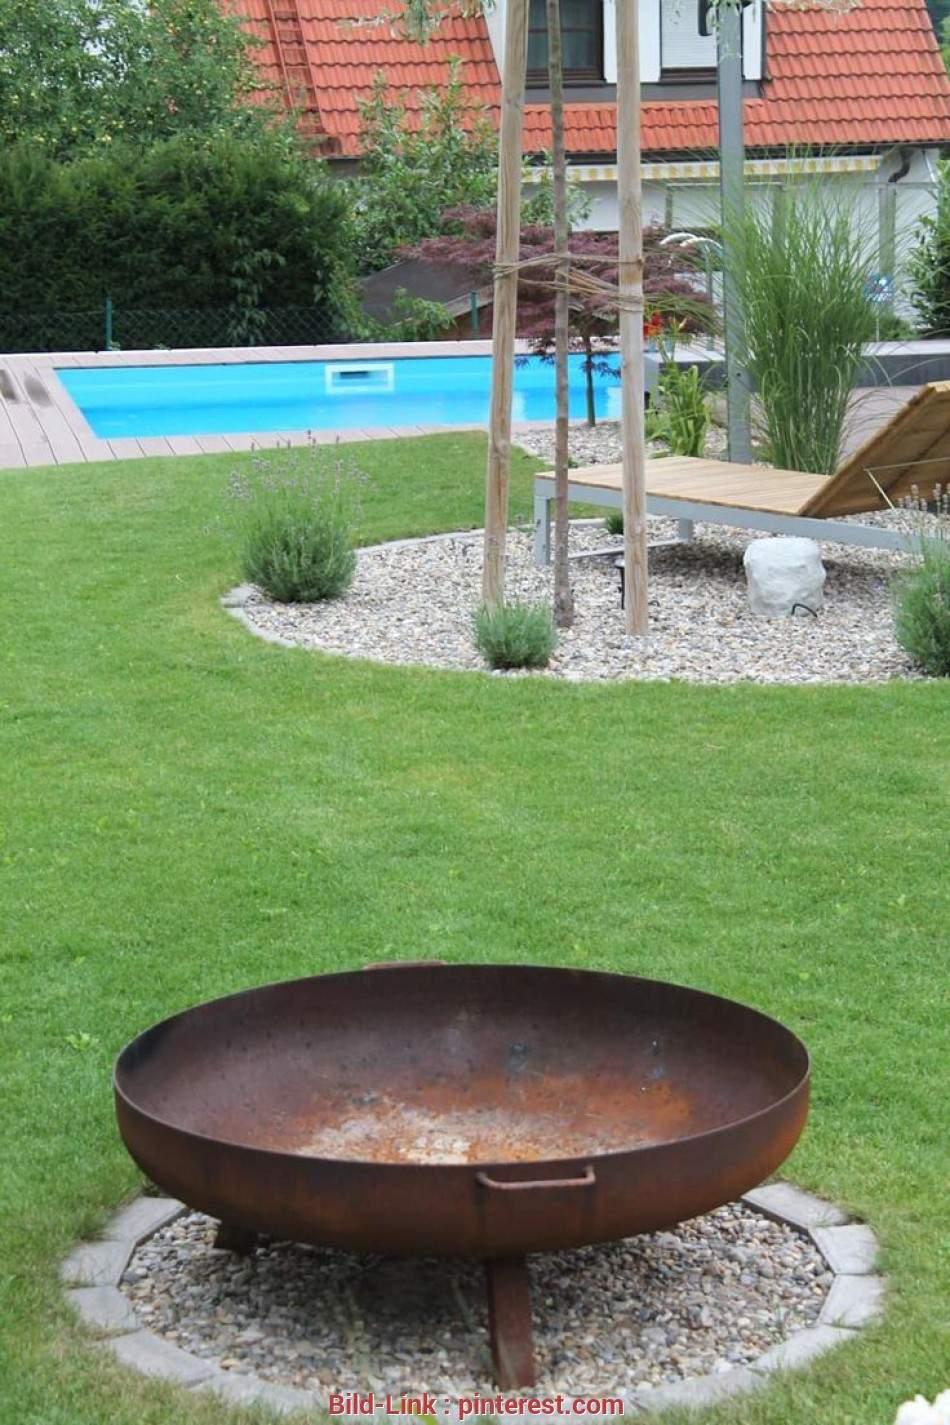 englischer garten munchen parken elegant o p couch gunstig 3086 aviacia of englischer garten munchen parken